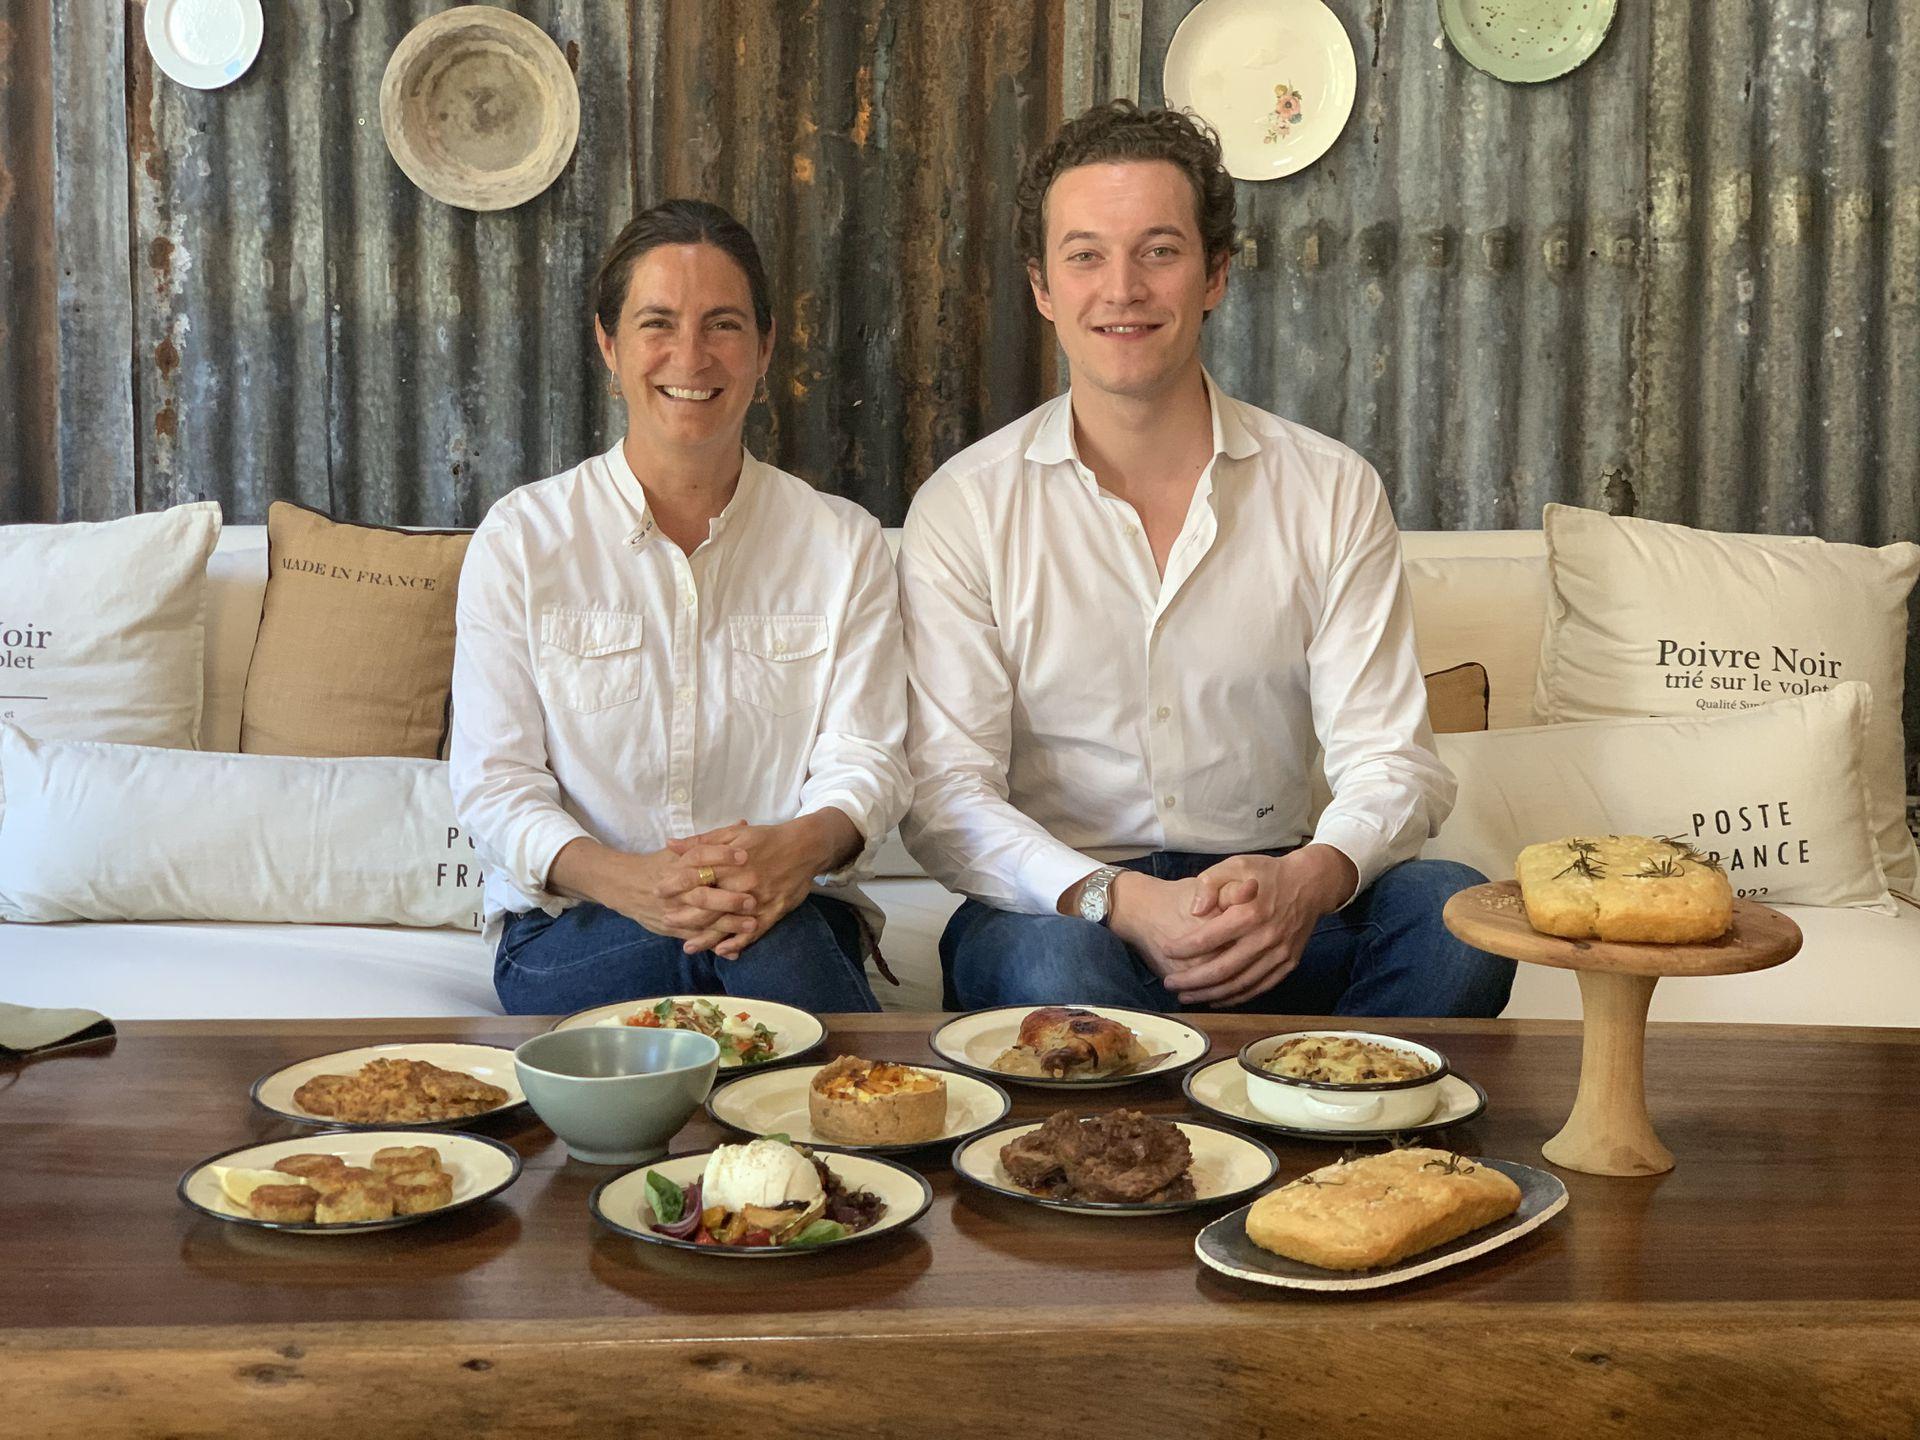 Entre las marcas específicas para delivery que creó Kitchenita resalta la de Juliana López May, con comida casera ideal para el invierno.